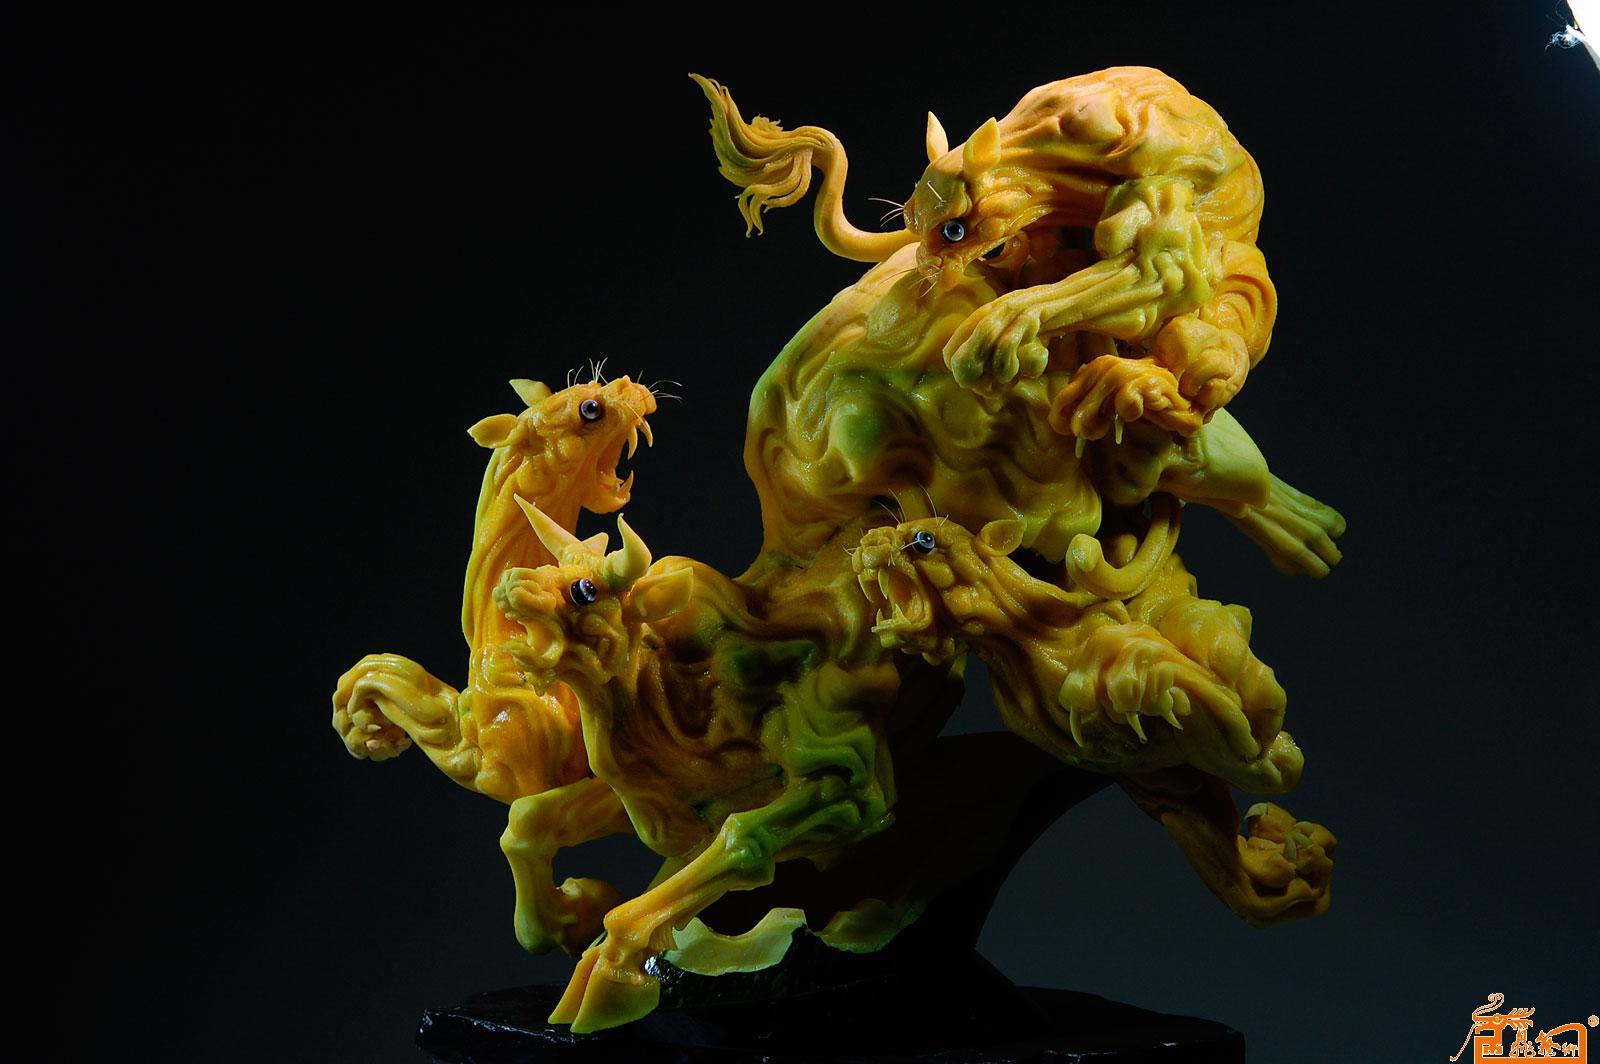 名家 孔令海 国画 - 食品雕刻动物作品-作品:《勃发》 原料:南瓜